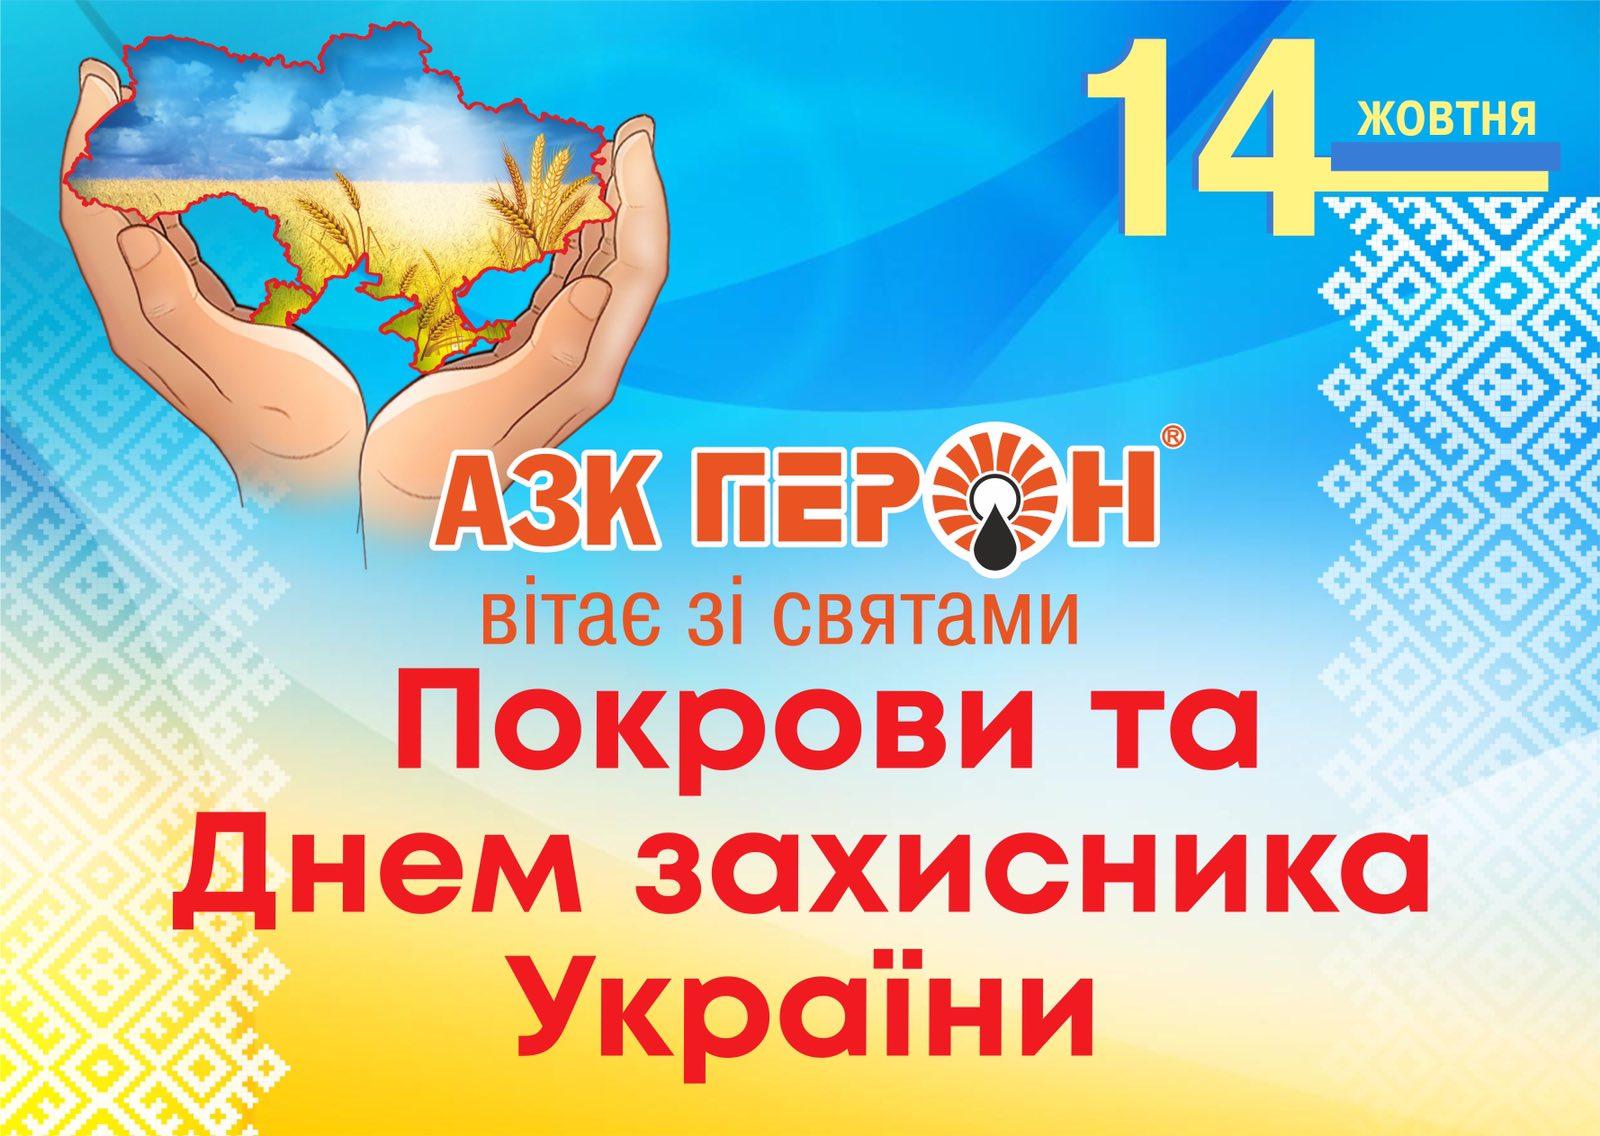 АЗК «ПЕРОН» вітає з Днем захисника України та Покровою Пресвятої Богородиці!